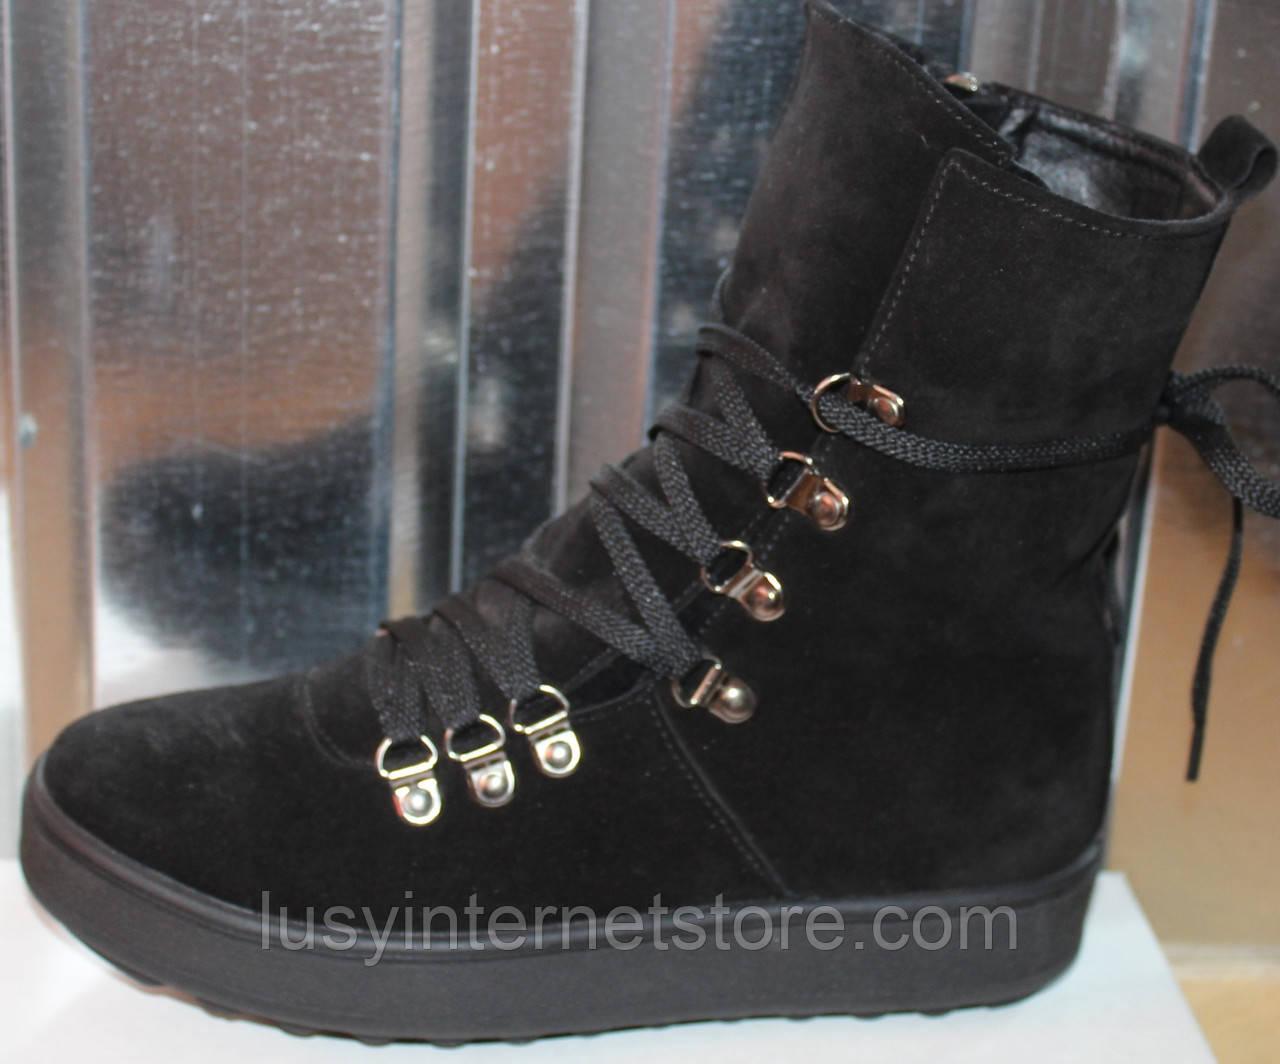 Ботинки черные замшевые женские зимние от производителя модель СА243-3